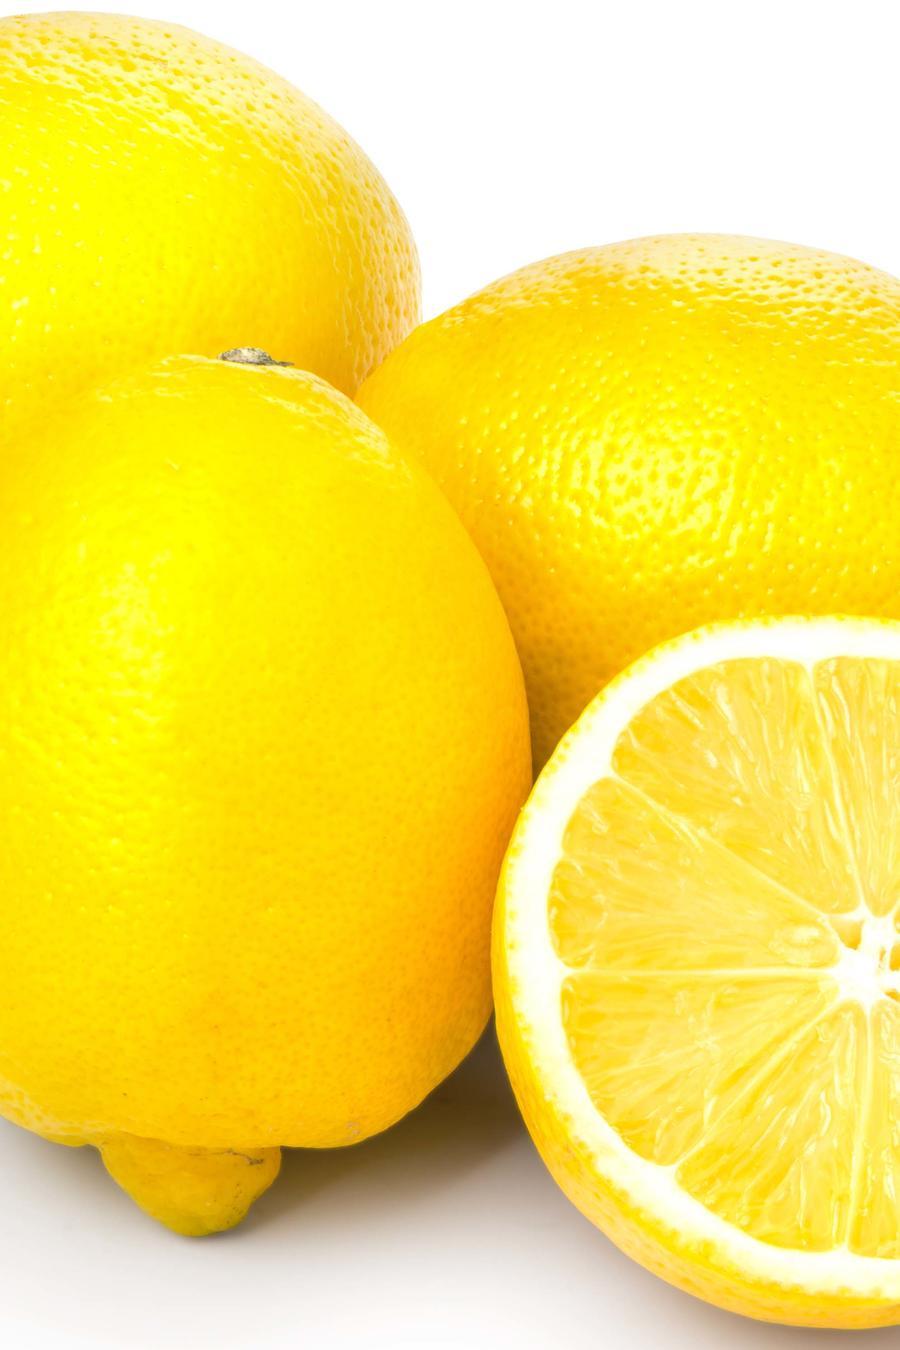 Limones amarillos sobre superficie blanca